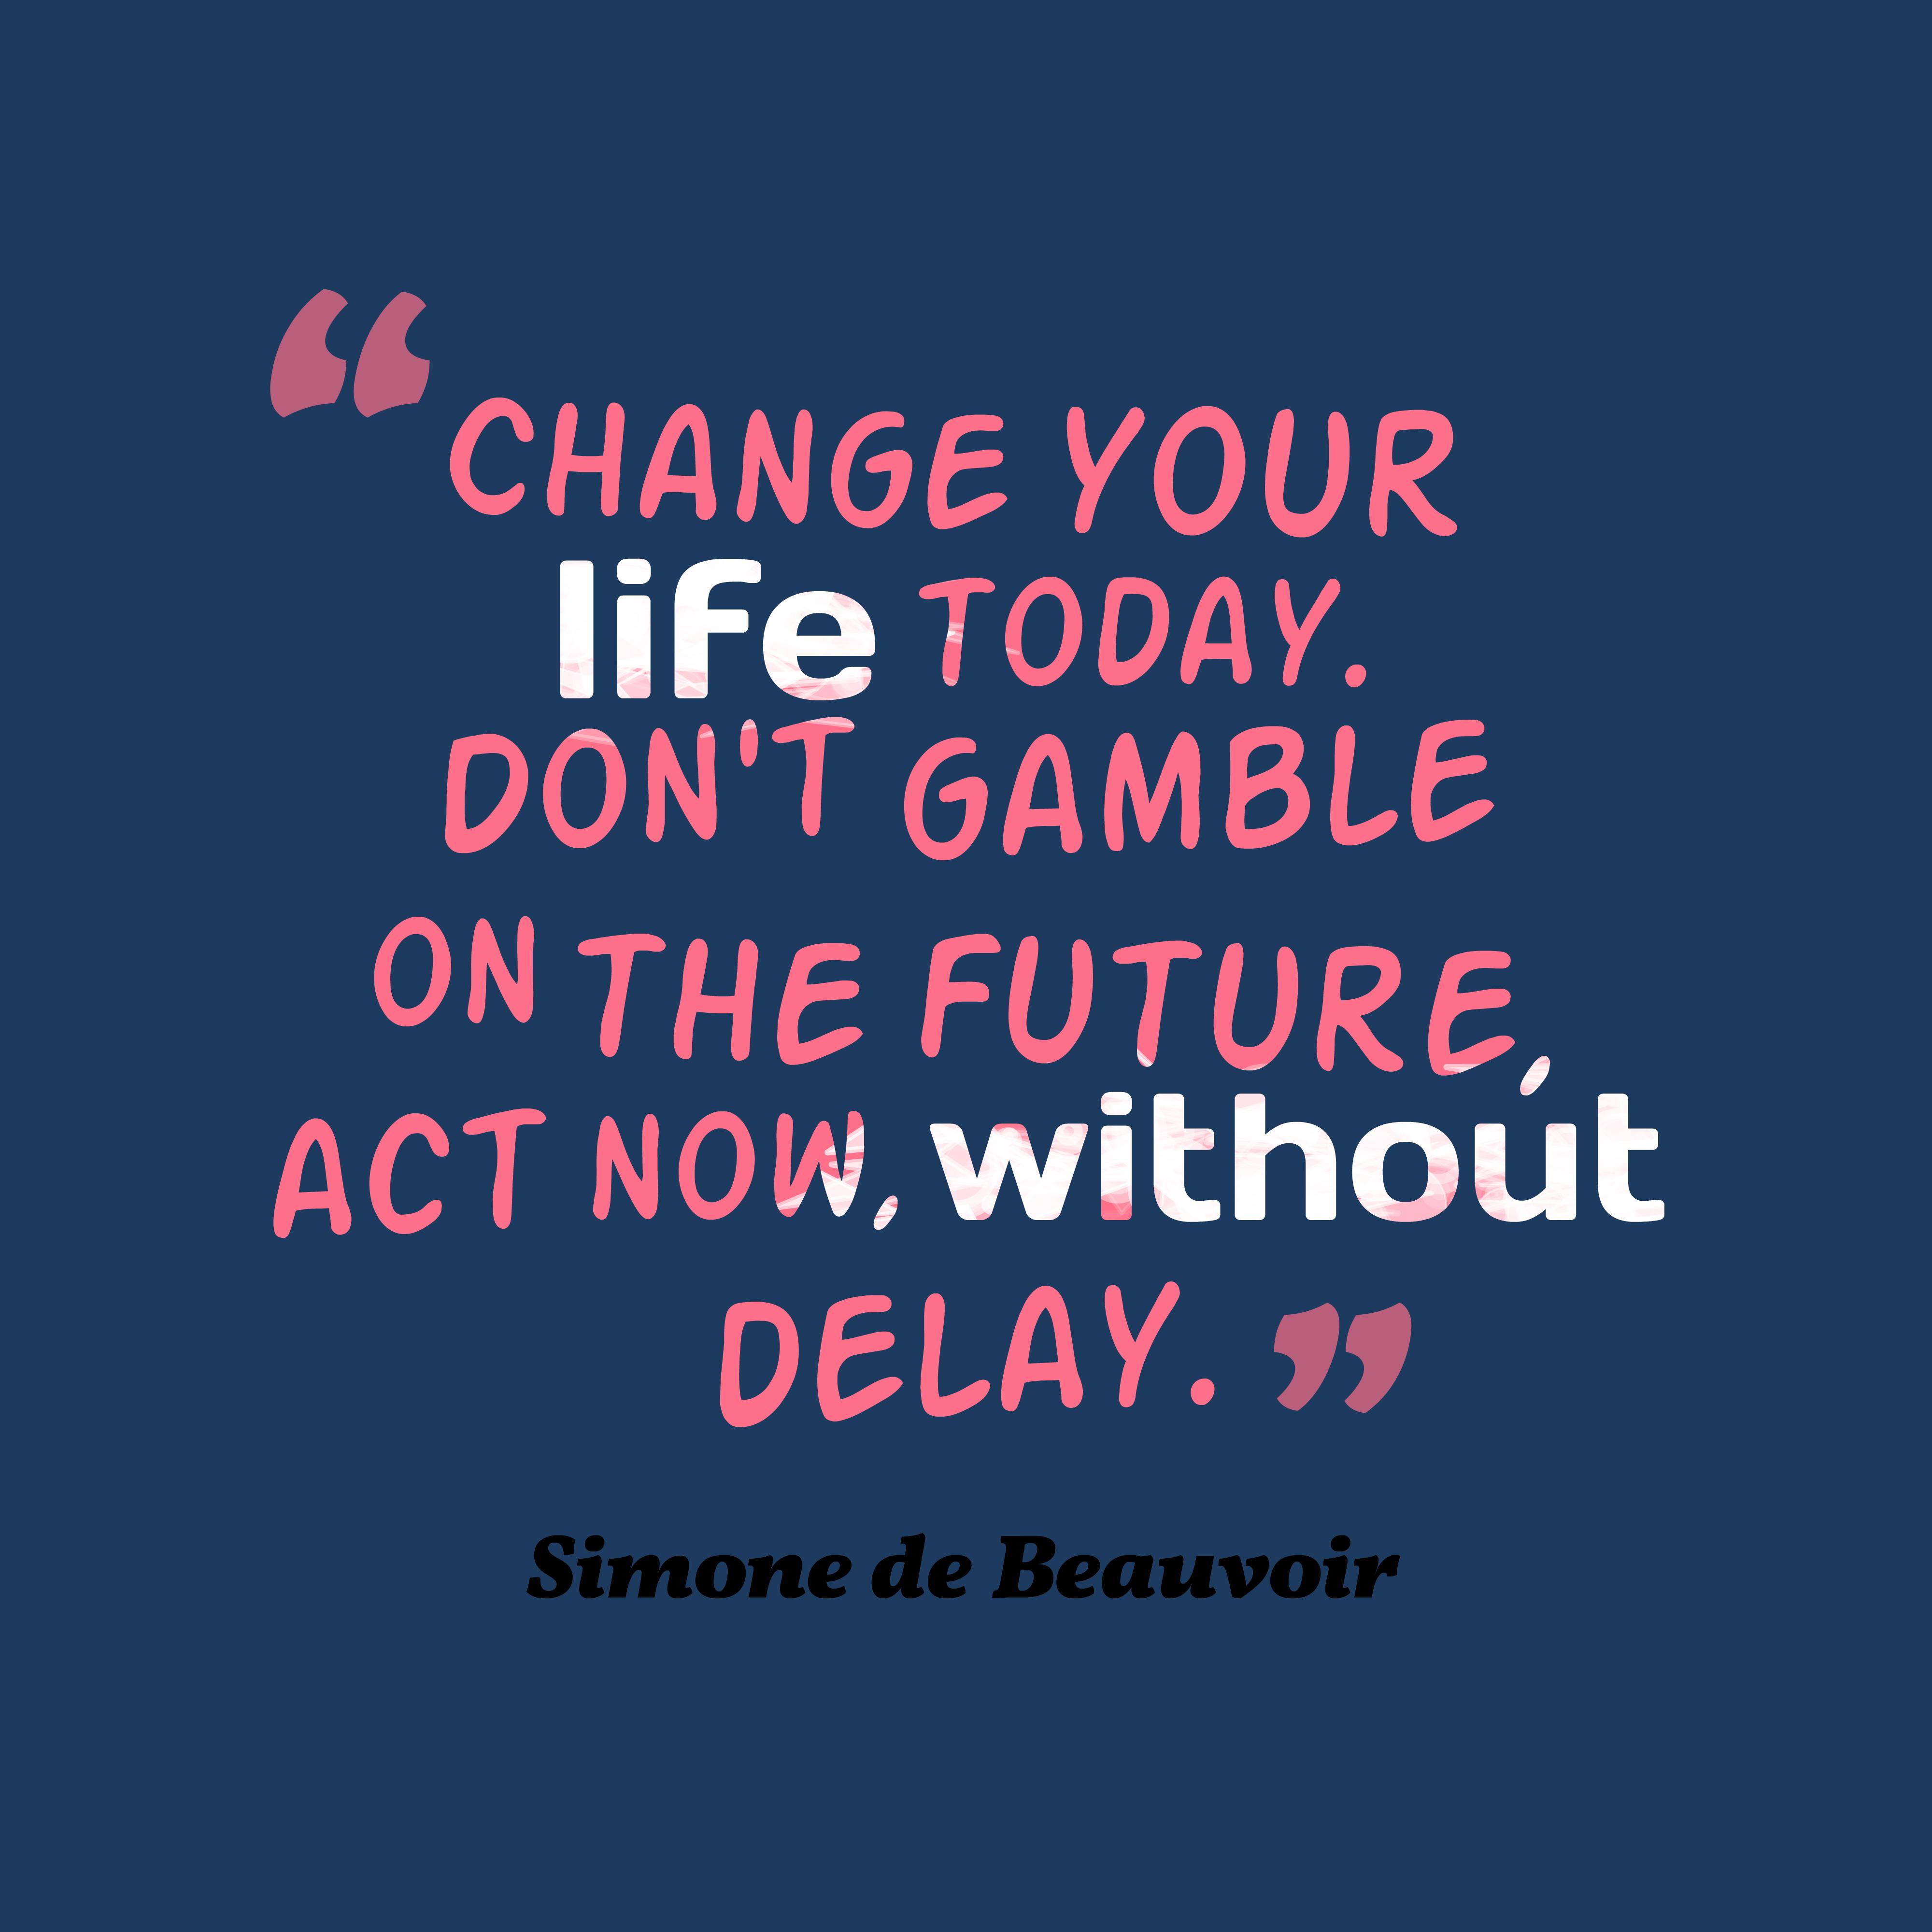 Picture Simone De Beauvoir Quote About Life.